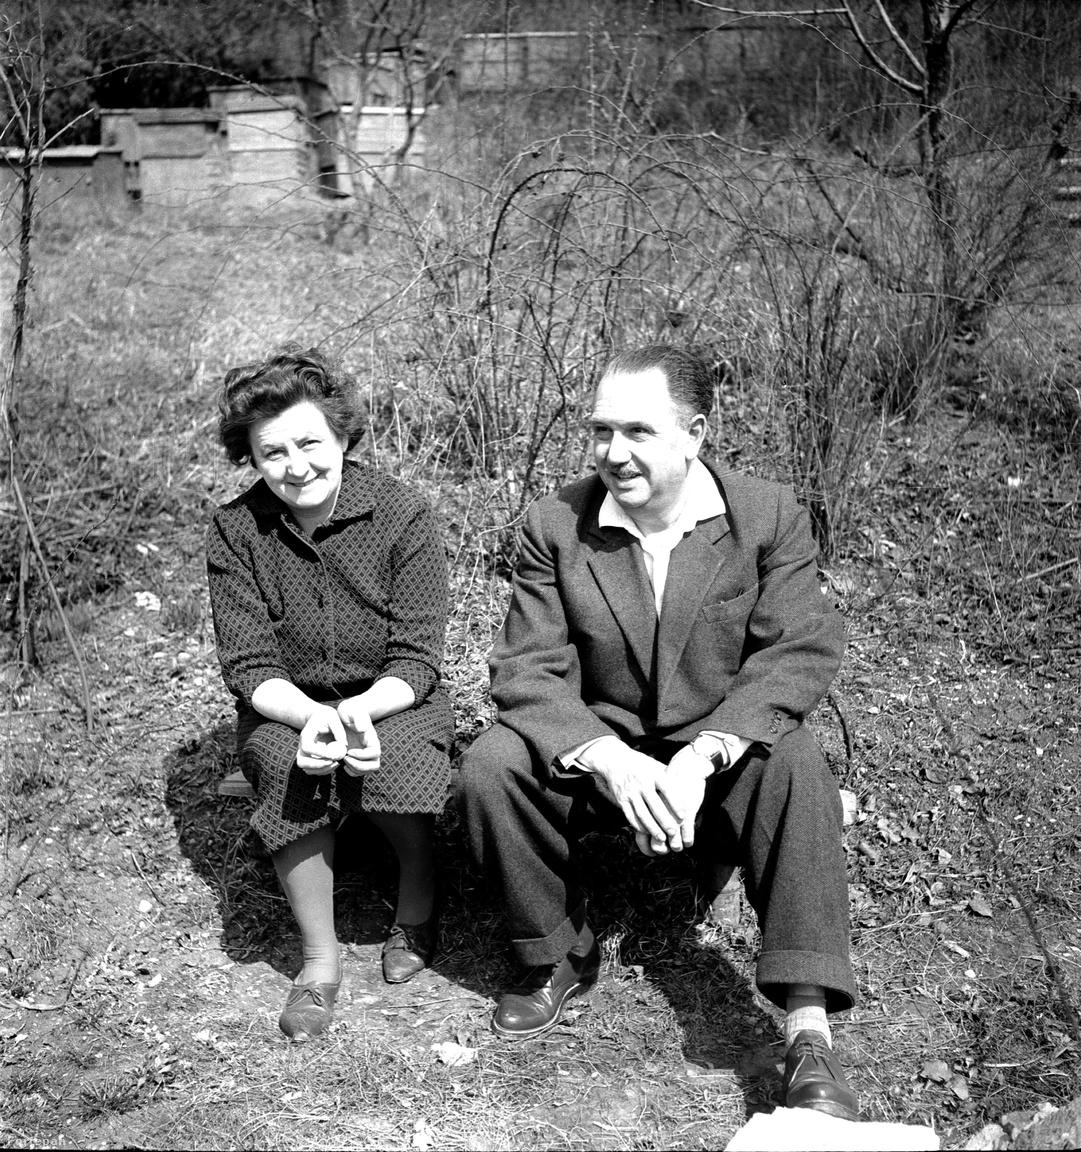 """Az összeszokott, immár idősödő házaspár a hatvanas években. """"Ami elképesztő volt nekem ezeken a képeken: a ruhák. Hol a békebeli idők sejlettek fel, hol a szomorú kommunista valóság elcseszett stílustalansága"""" – kommentálta a kor öltözködését Glázer."""